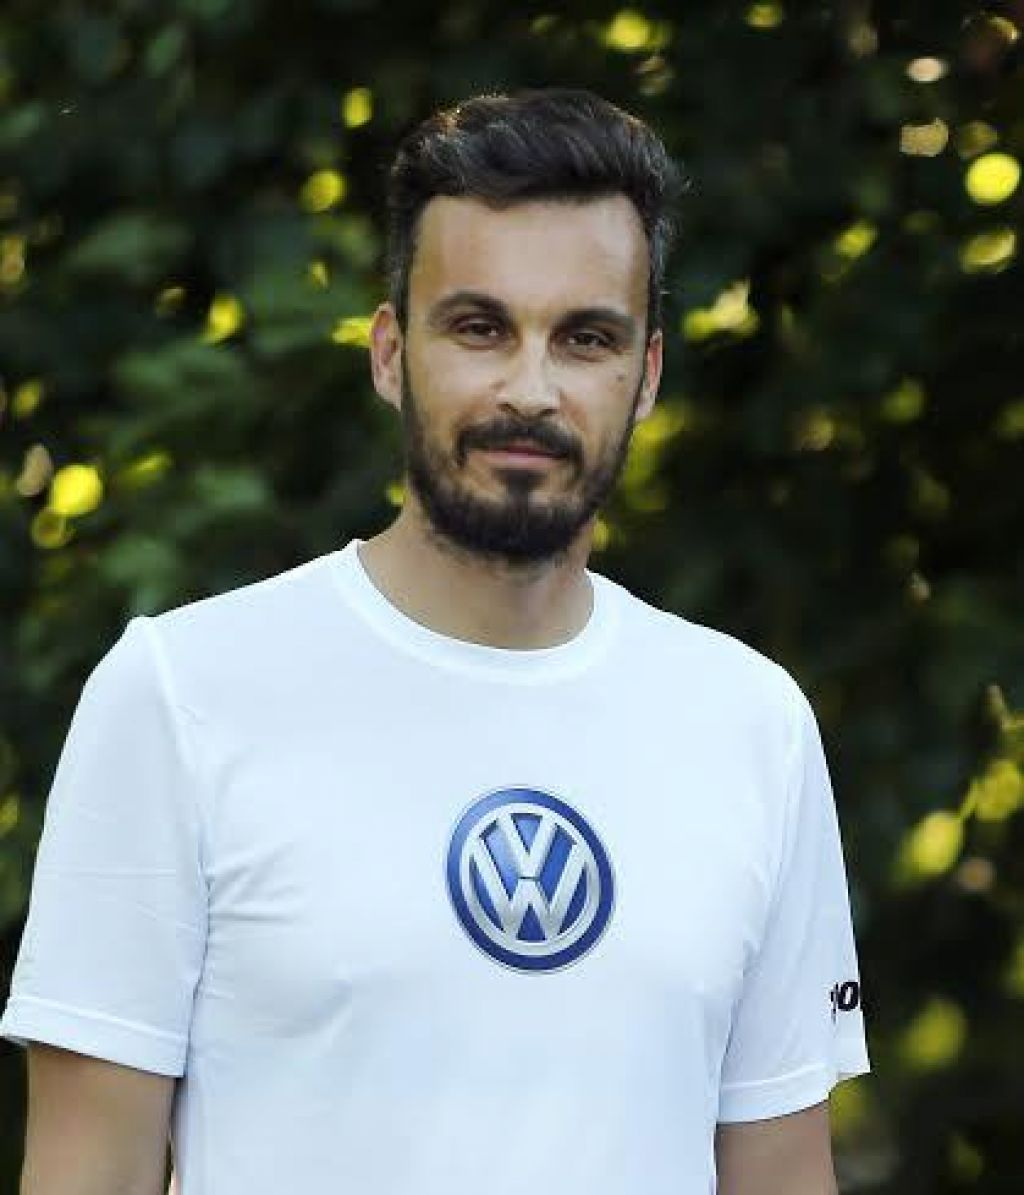 Intervju: Matko Mioč, član tekaške ekipe Volkswagen Polet O2